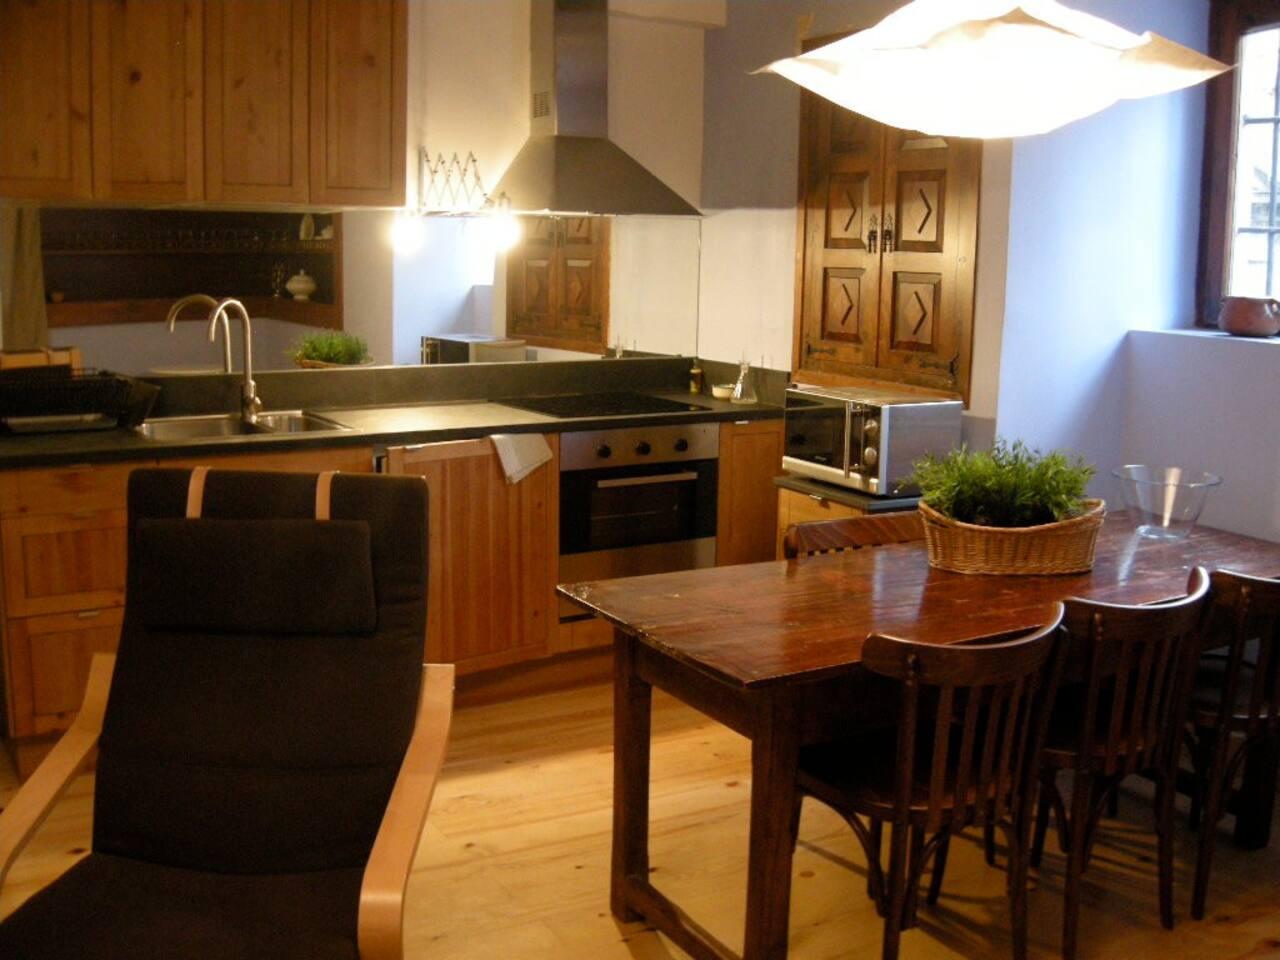 Espacio interior del alojamiento: Cocina- comedor.